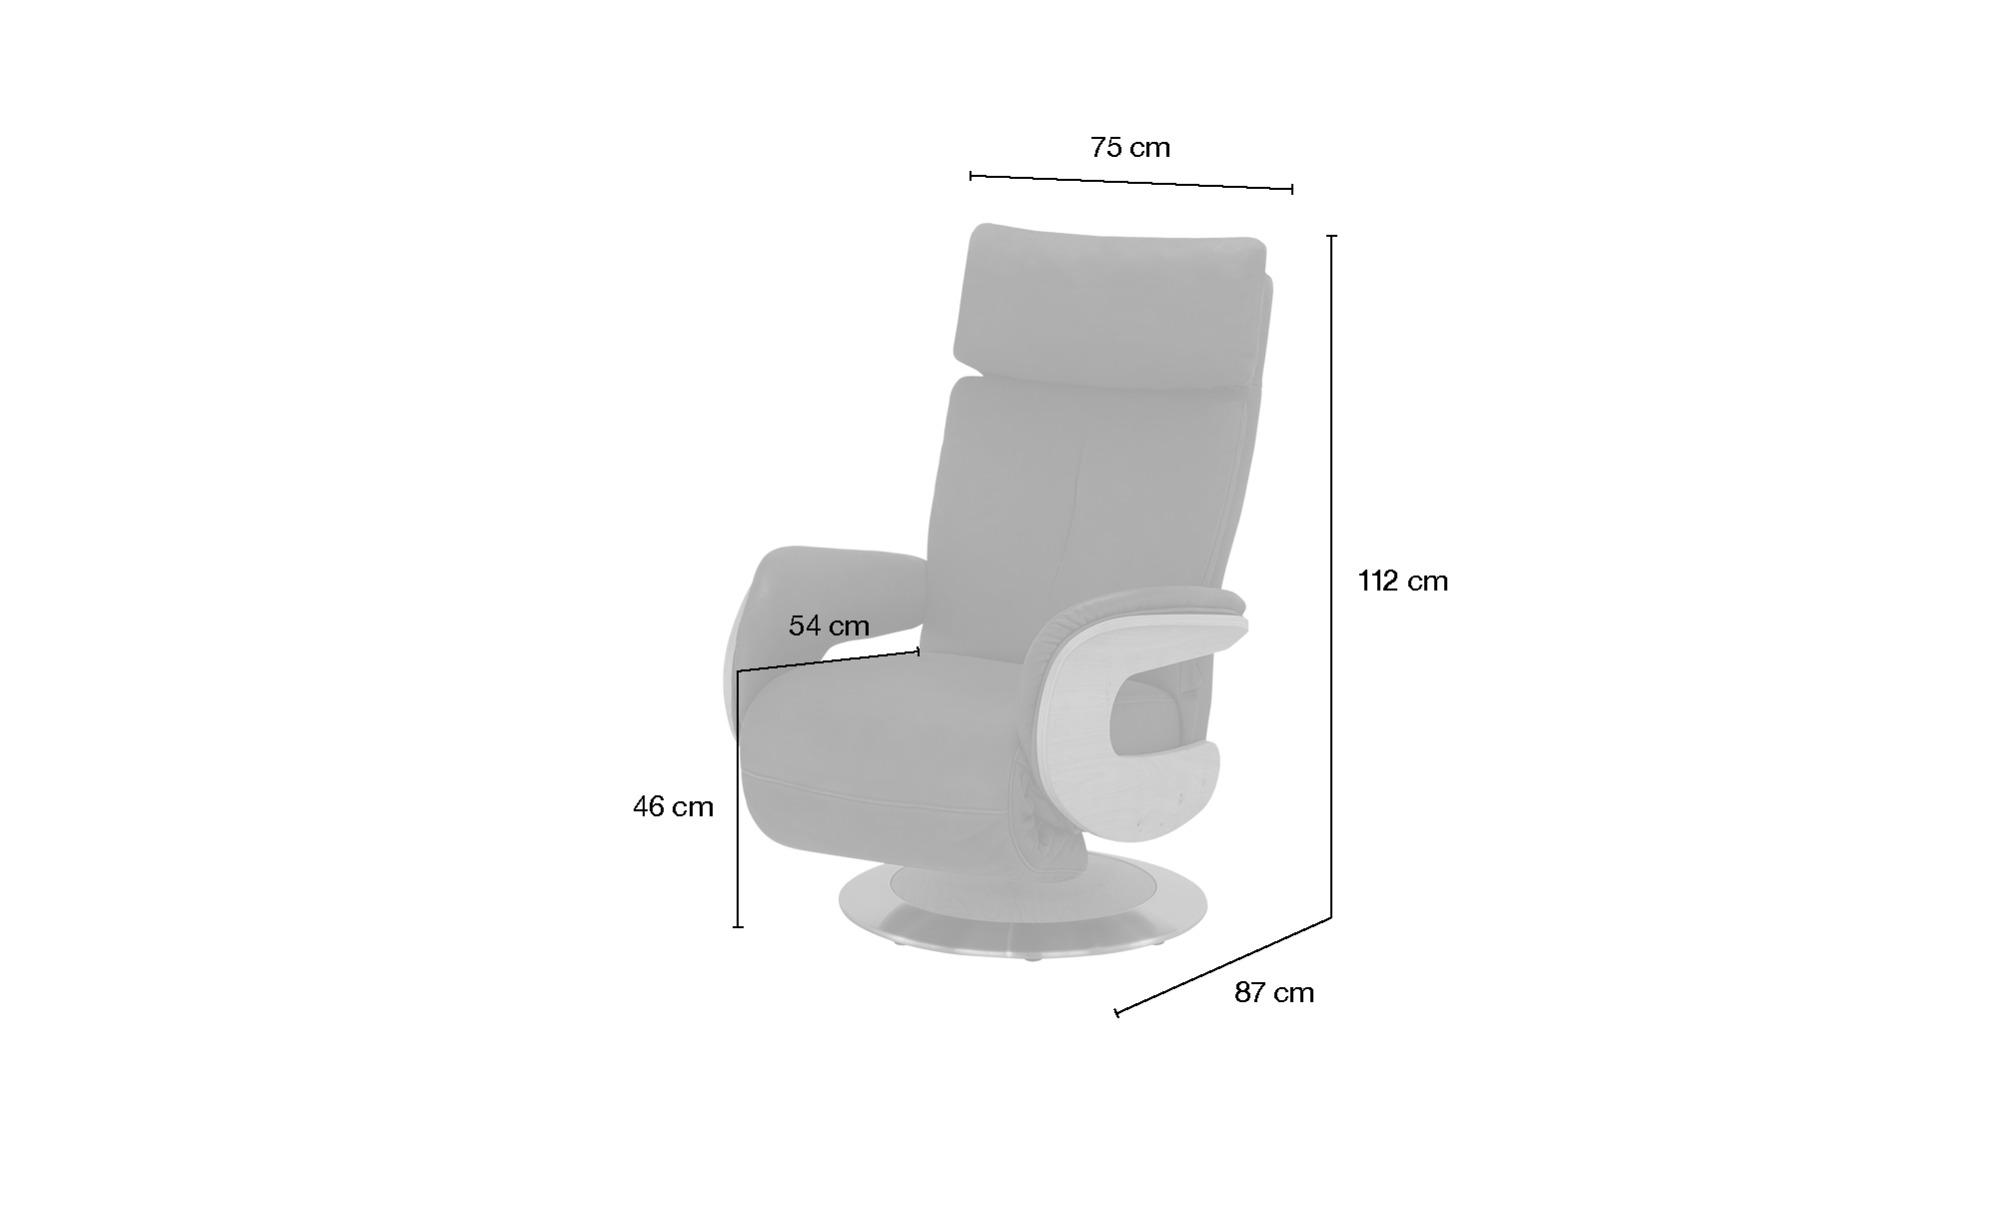 himolla Funktionssessel Leder  7818 ¦ orange ¦ Maße (cm): B: 75 H: 112 T: 87 Polstermöbel > Sessel > Fernsehsessel - Höffner